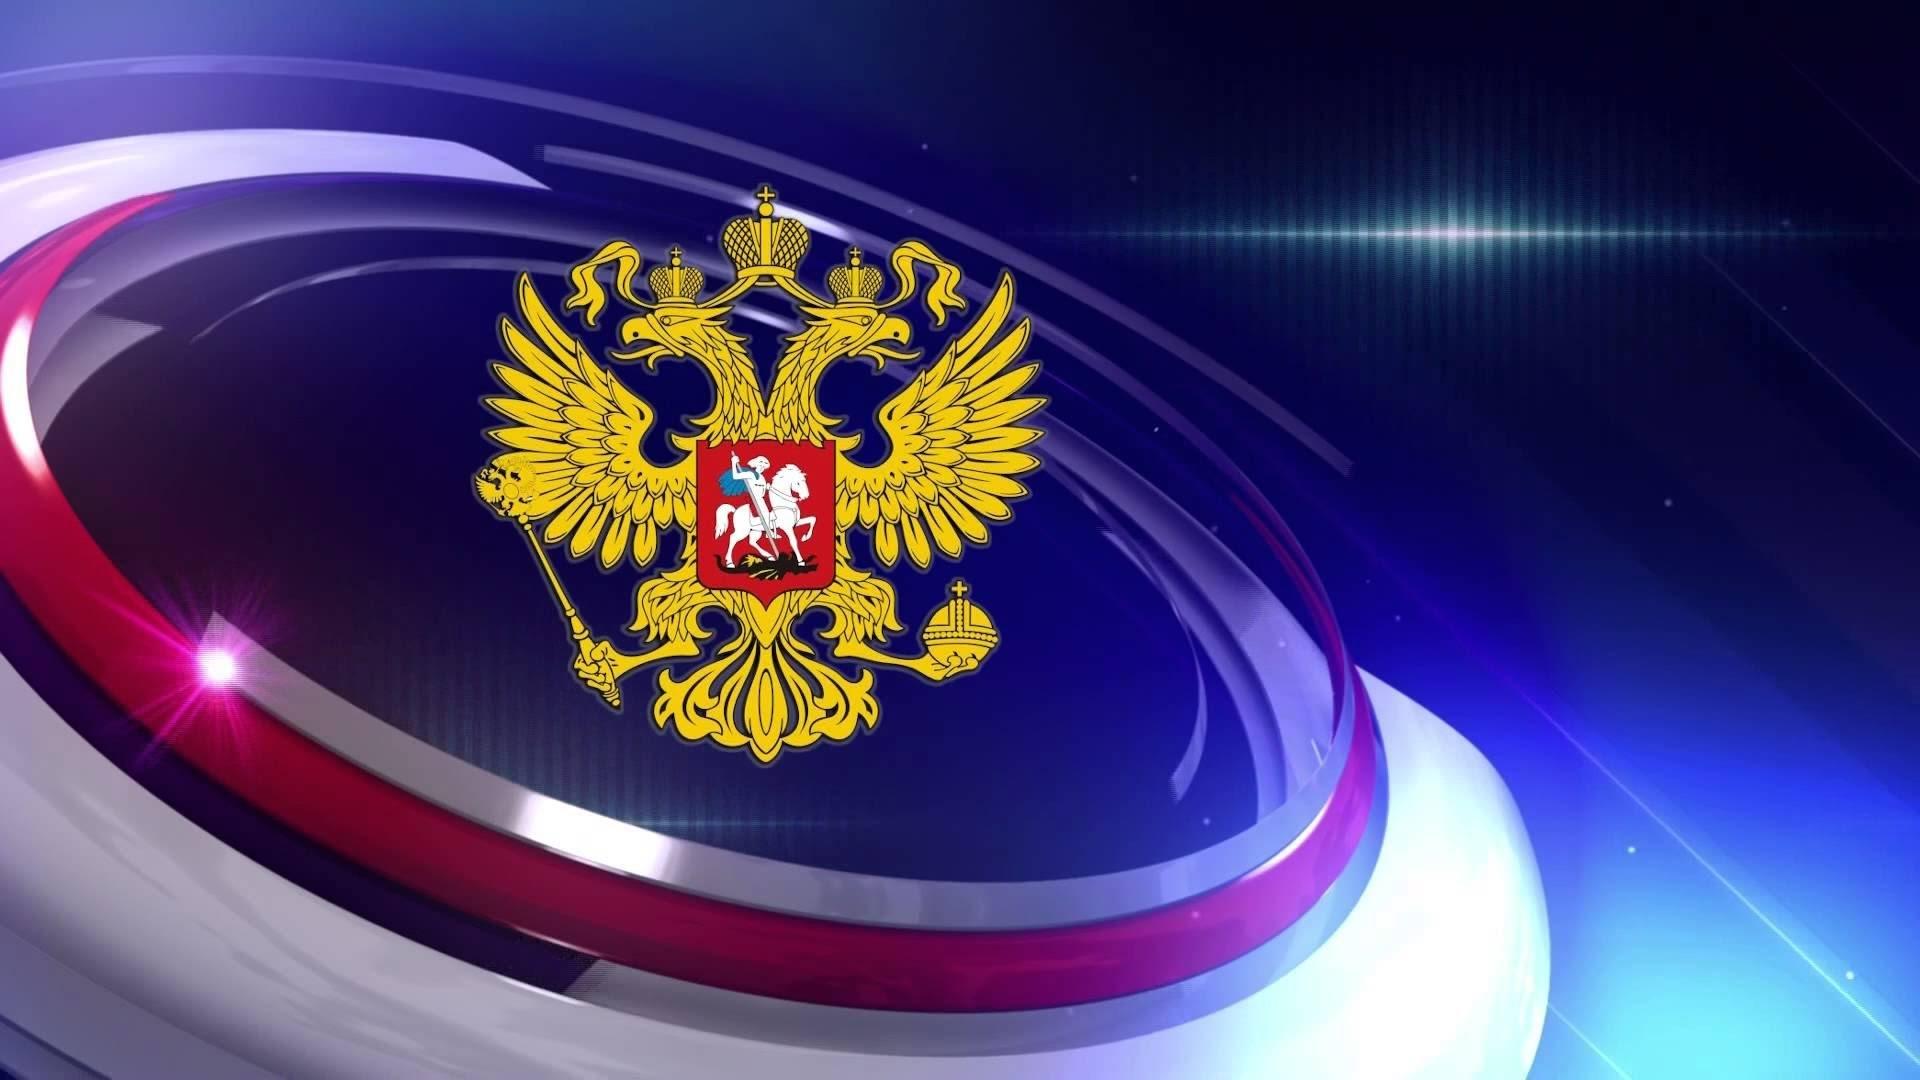 обои на телефон флаги россии желаю прогресса глядиш